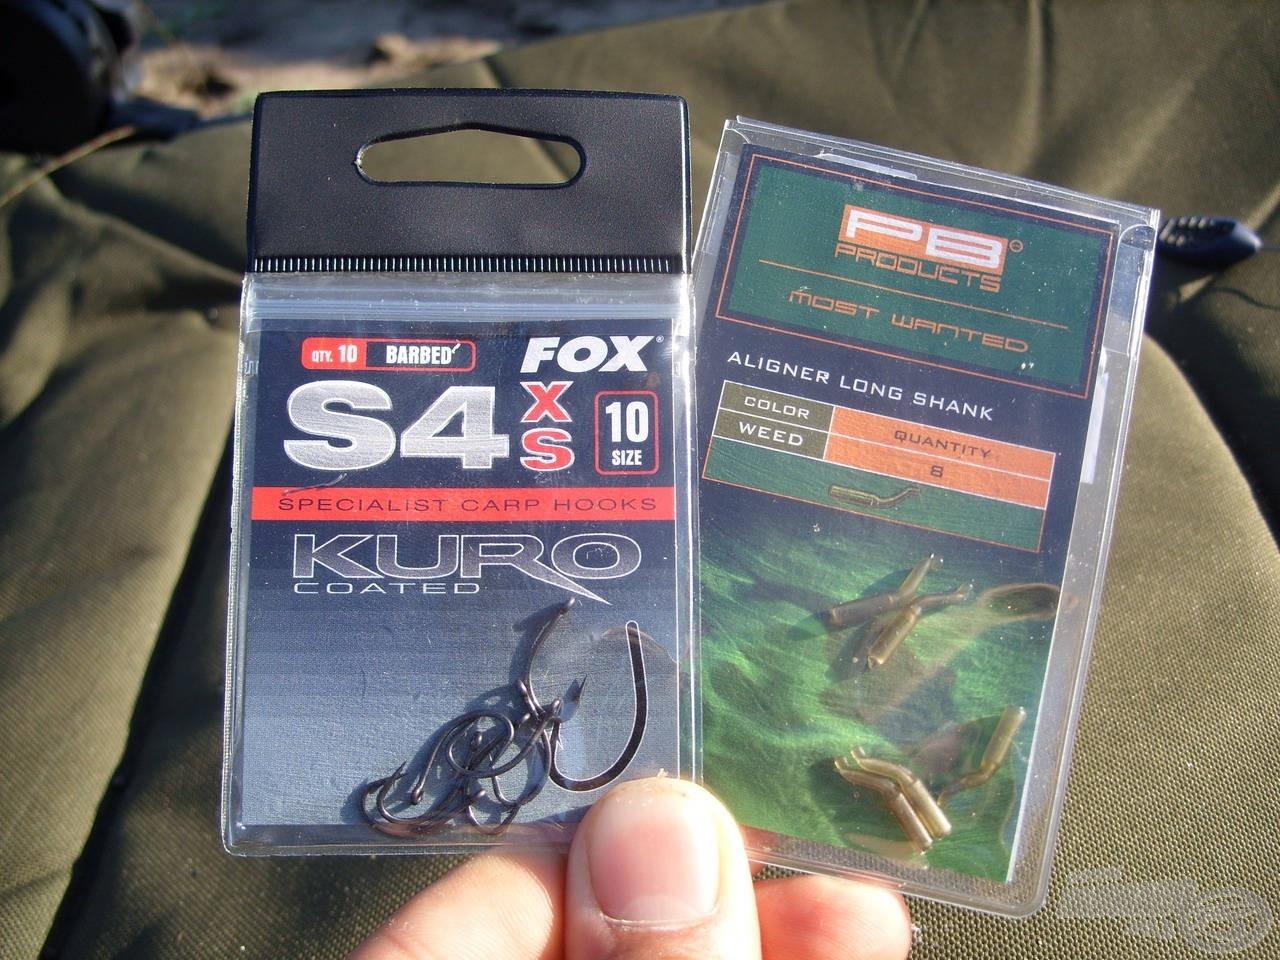 Kifejezetten akadós terepre fejlesztett, Fox S4 Kuro típusú horgokat használtam 10-es méretben, valamint egyik kedvenc kiegészítőmet, a PB Products Aligners Long Shank horogbefordítót